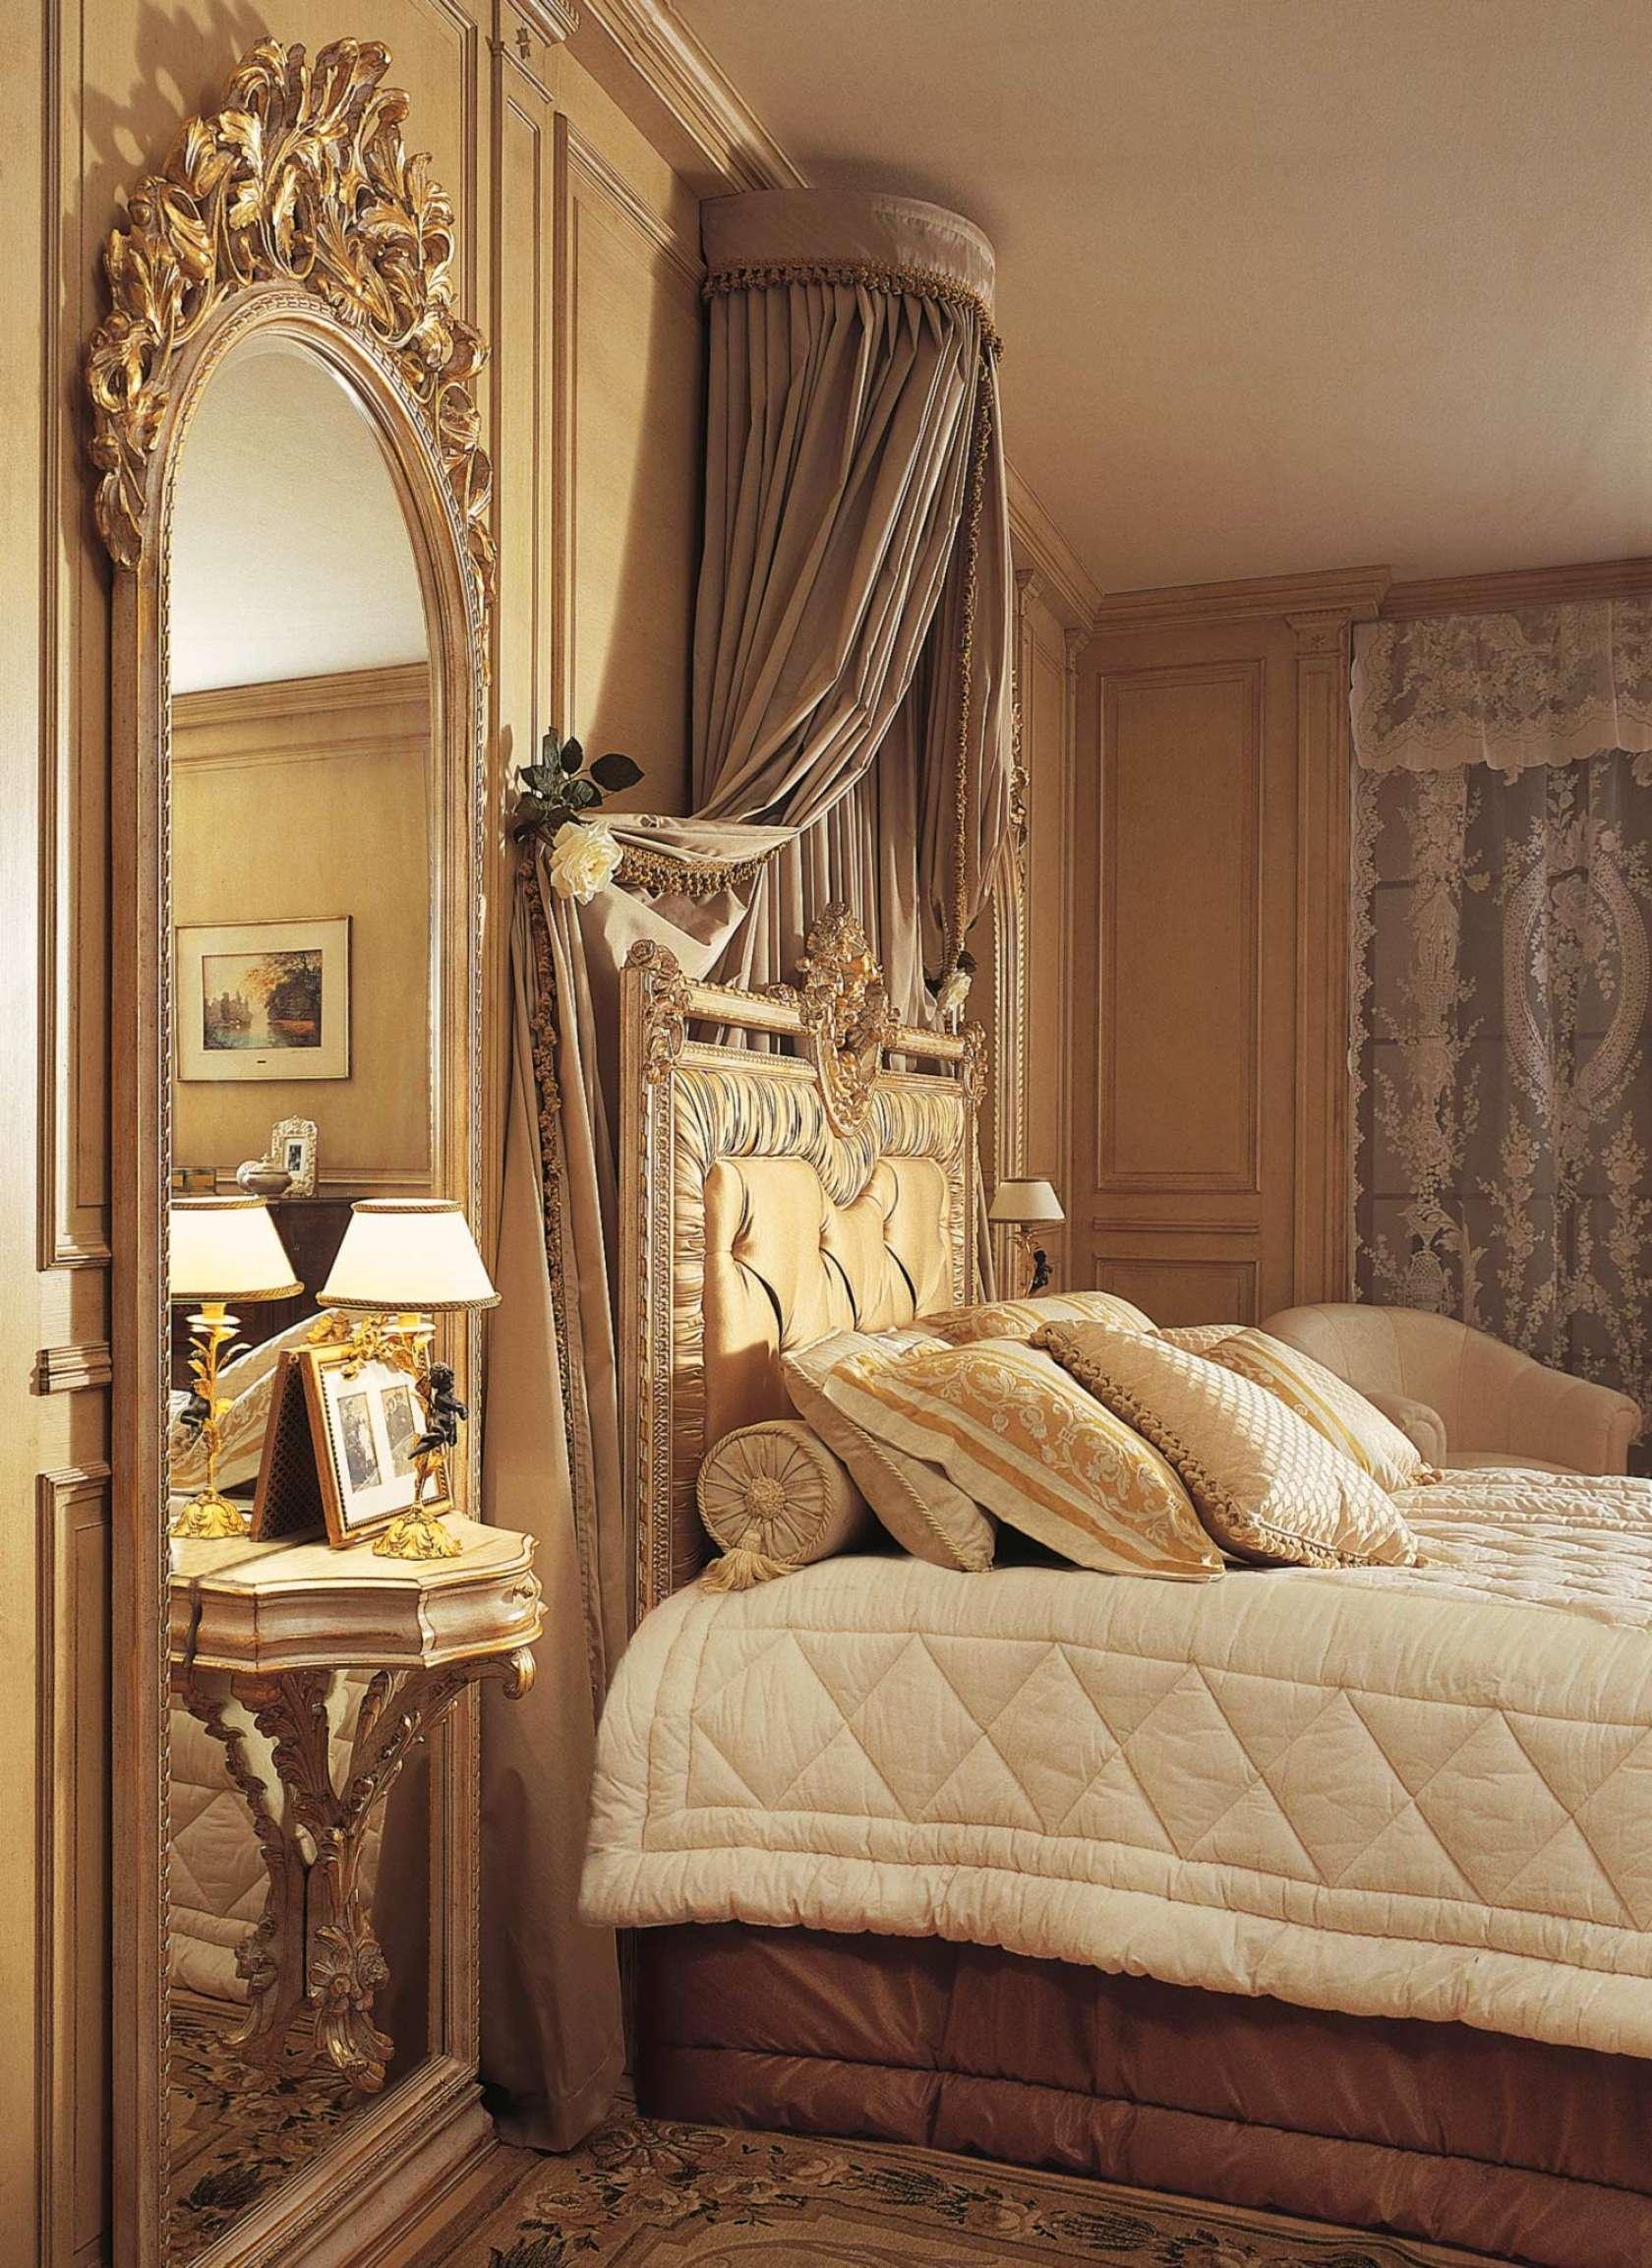 Camera da letto classica louvre specchiera con comodino - Camera letto classica ...